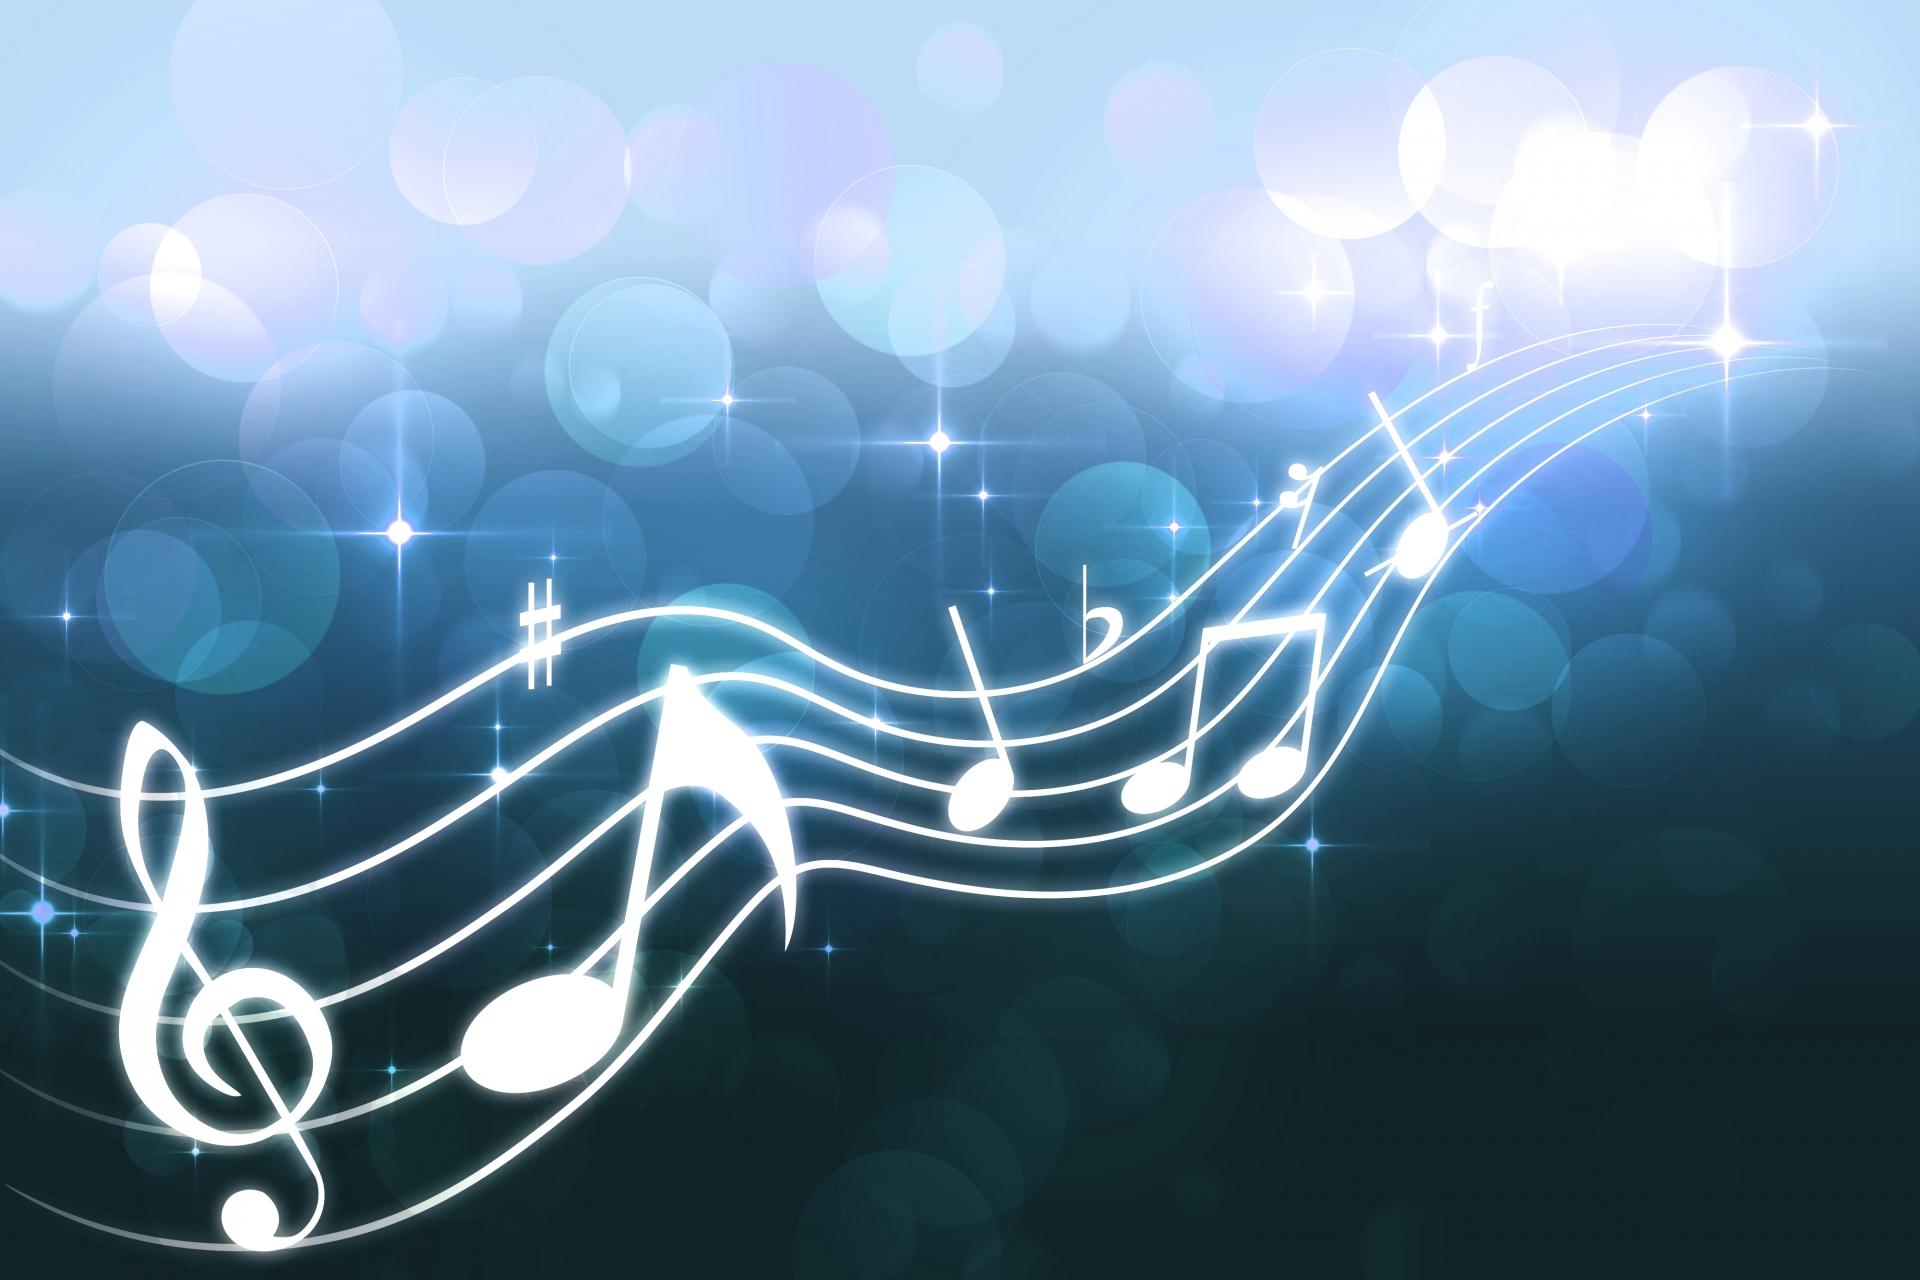 片付けは音楽をかけながらすると効果的!音楽で子供のやる気UP